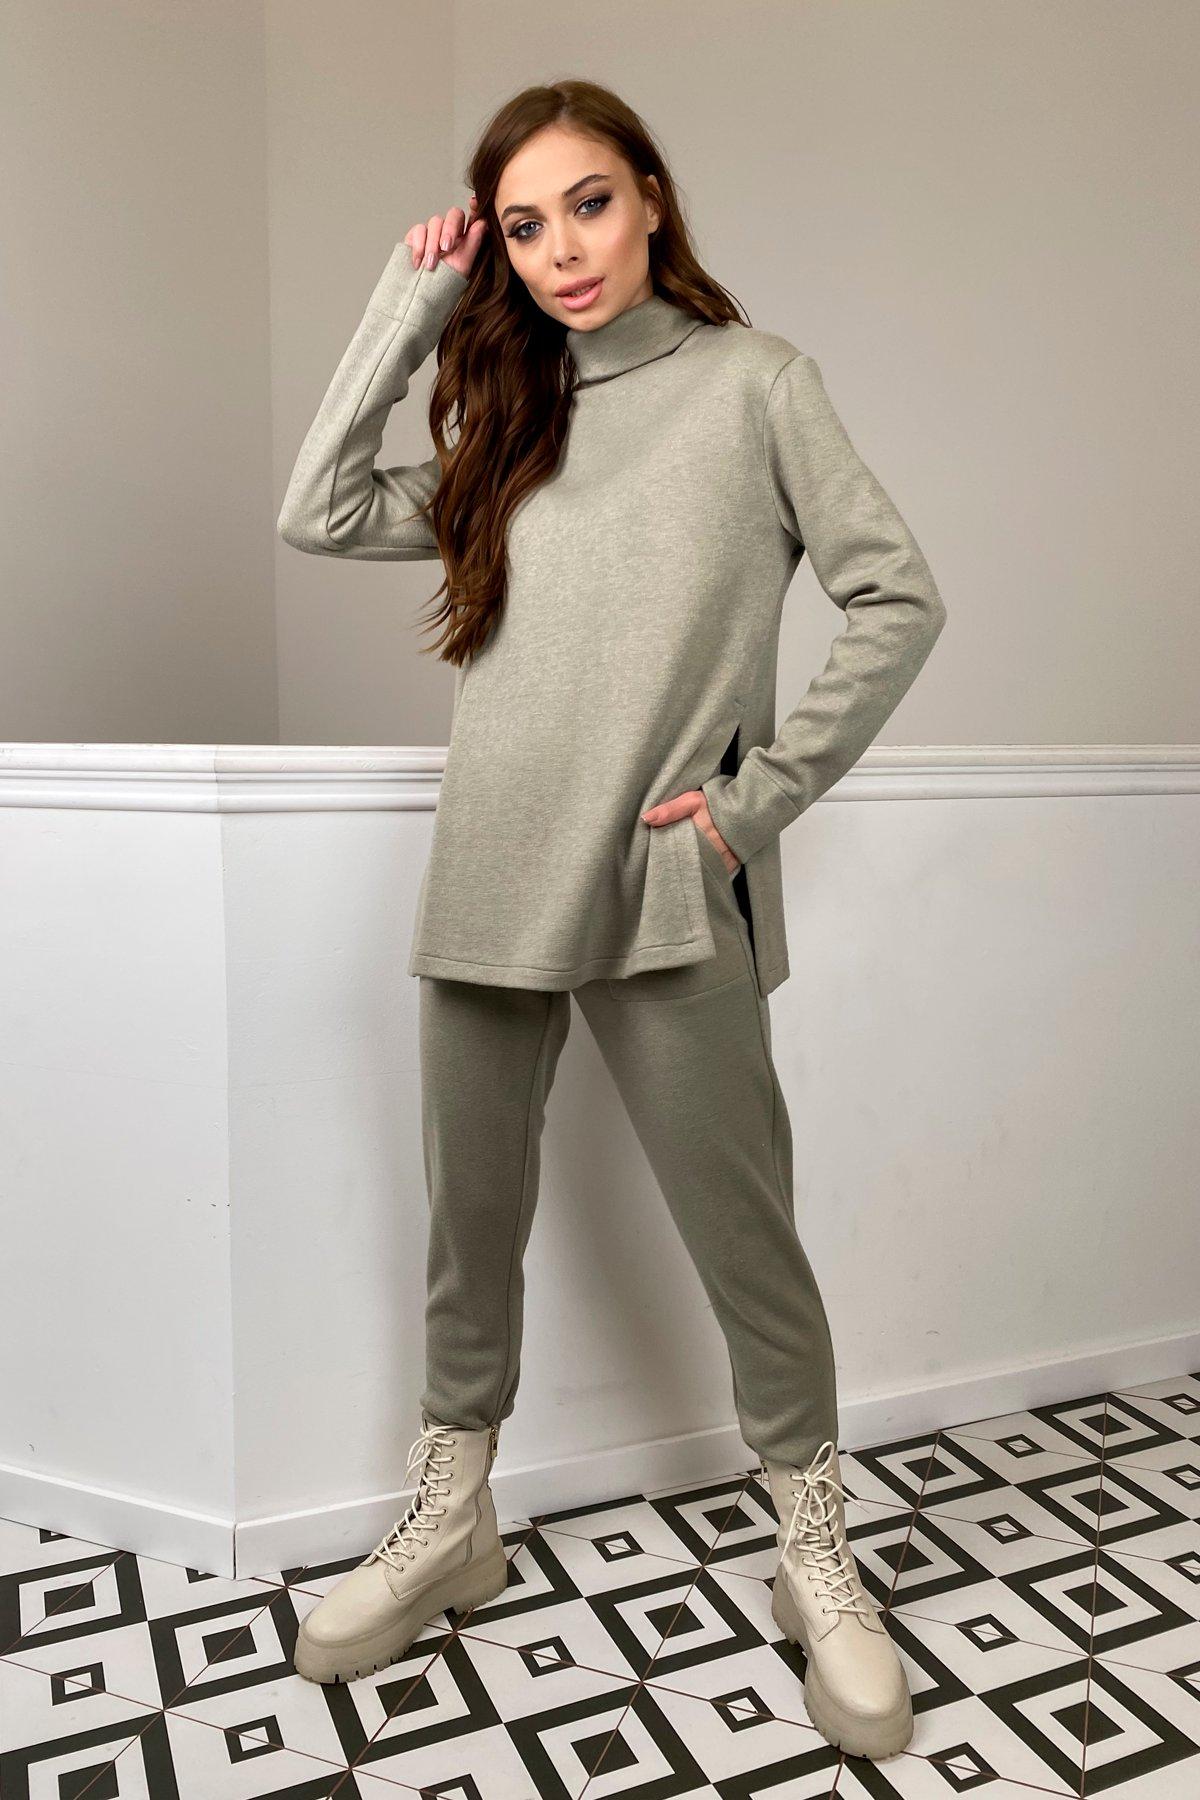 Люкс прогулочный костюм  из ангоры  9975 АРТ. 46313 Цвет: Олива - фото 6, интернет магазин tm-modus.ru